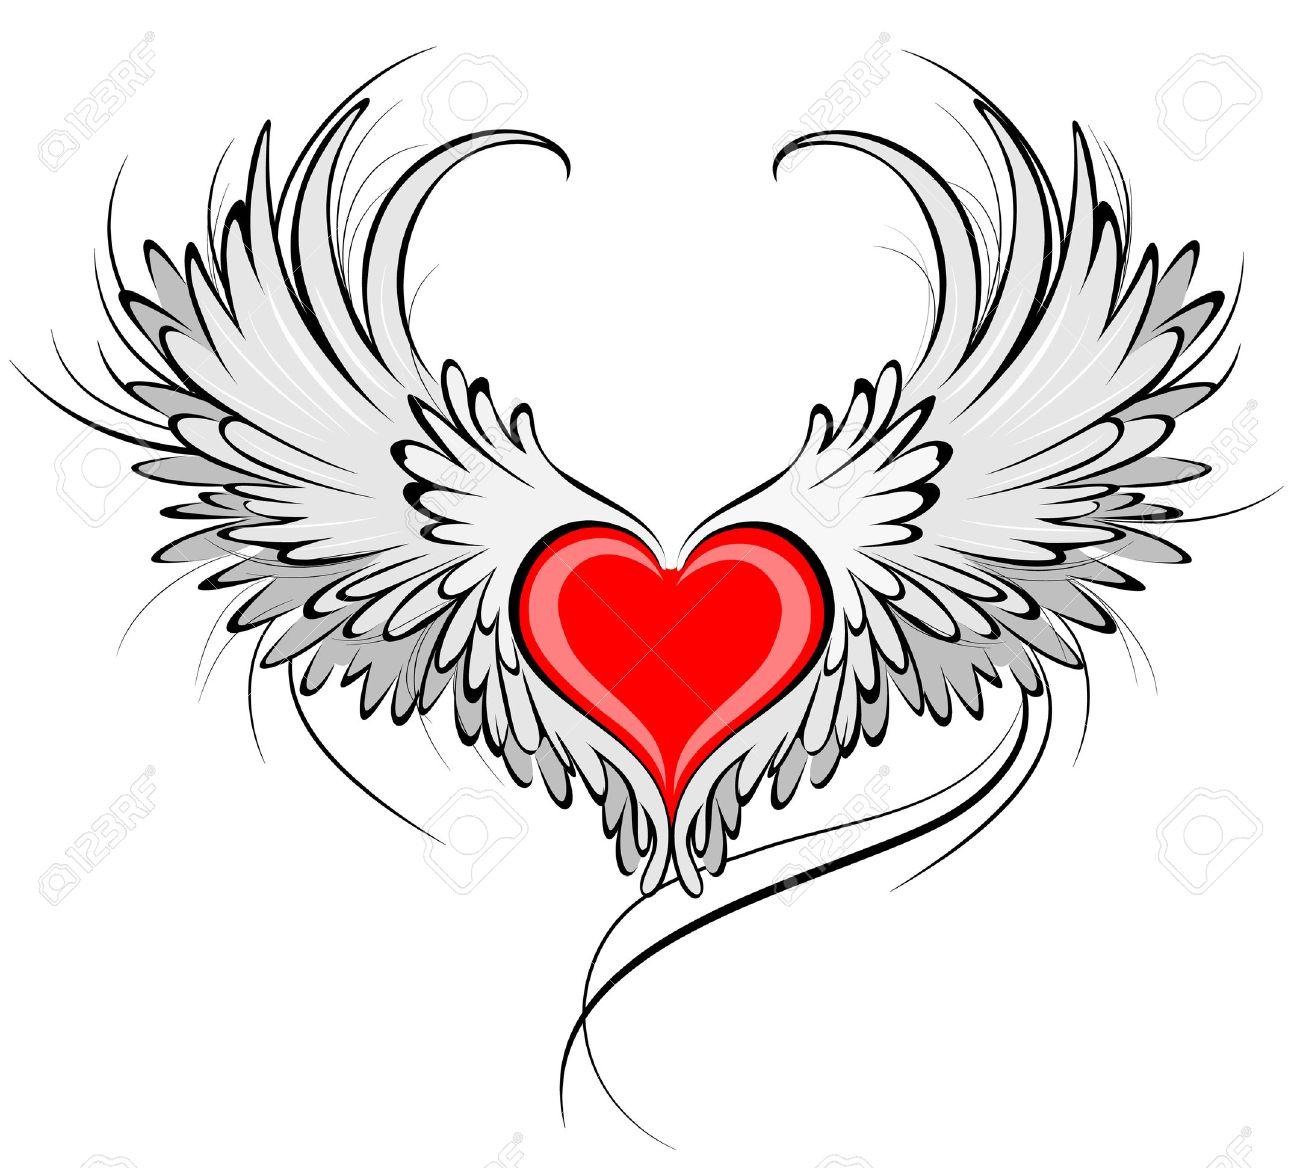 exceptional tatouage coeur avec ailes d ange #2: tatouage ange